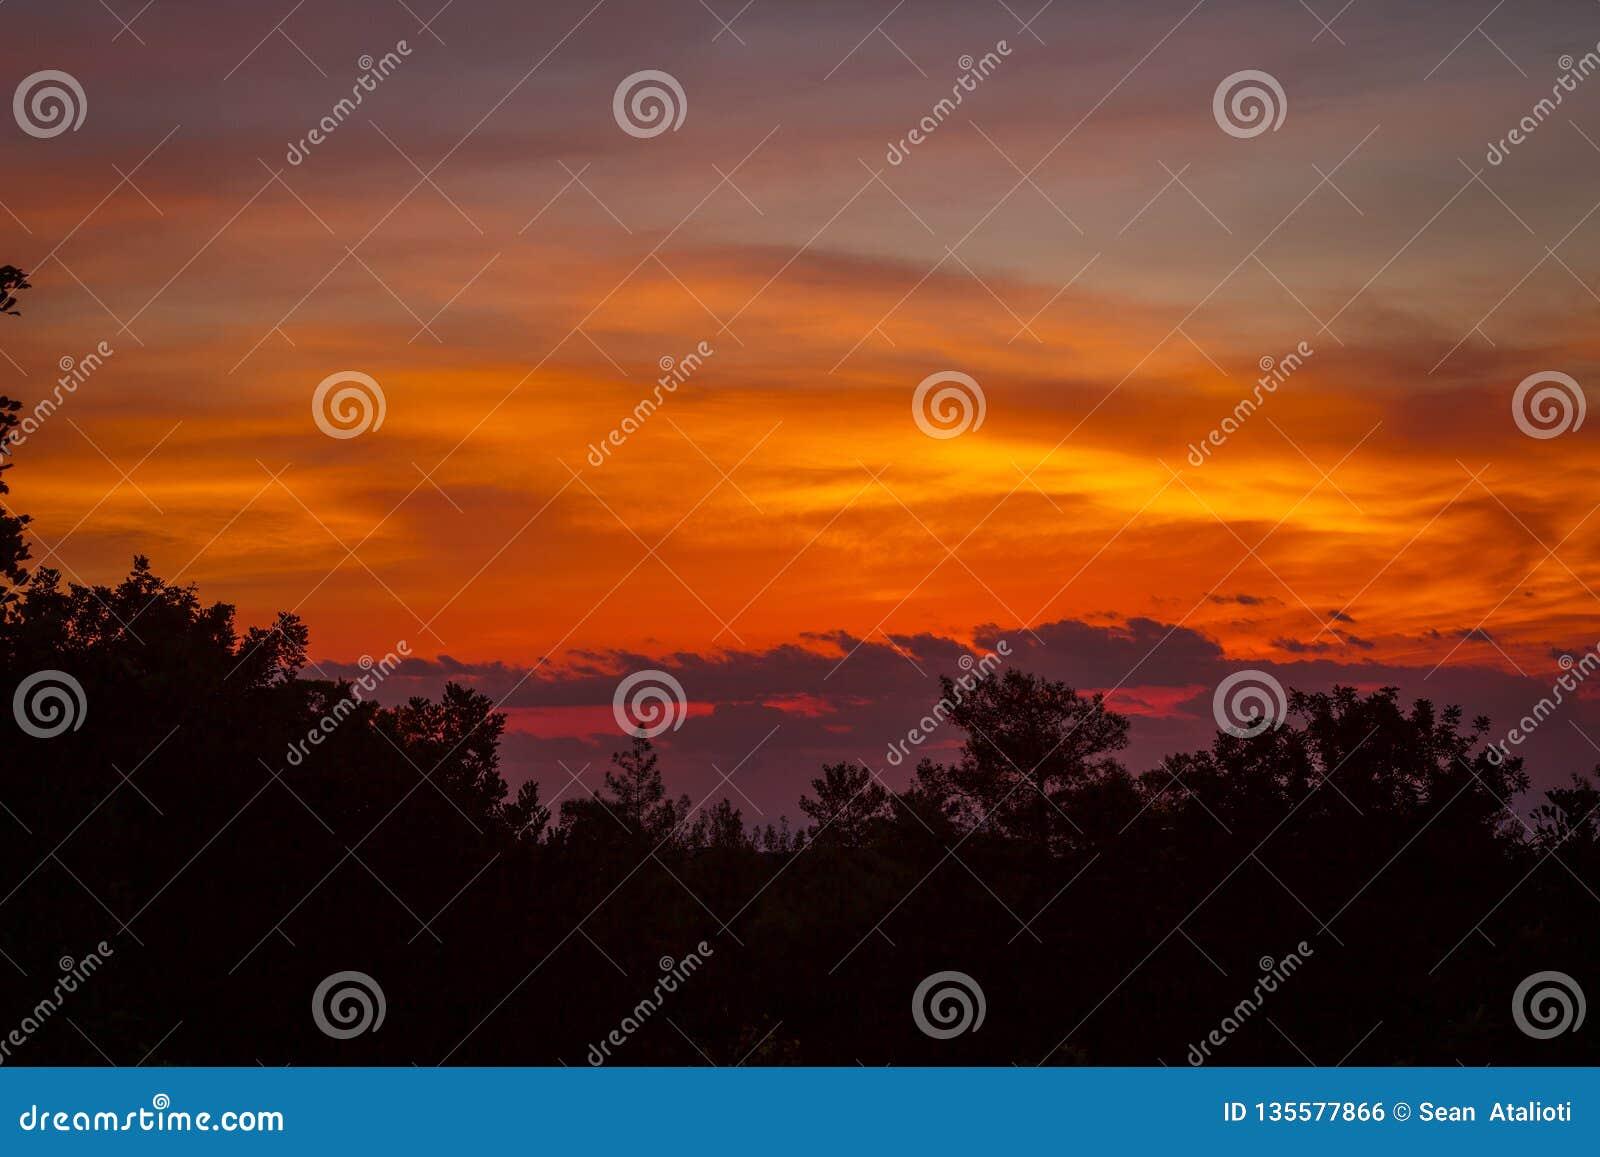 Jesieni jesieni wieczór nieba, Piękny pomarańczowy słońce ustawiający nad pokojowymi górami